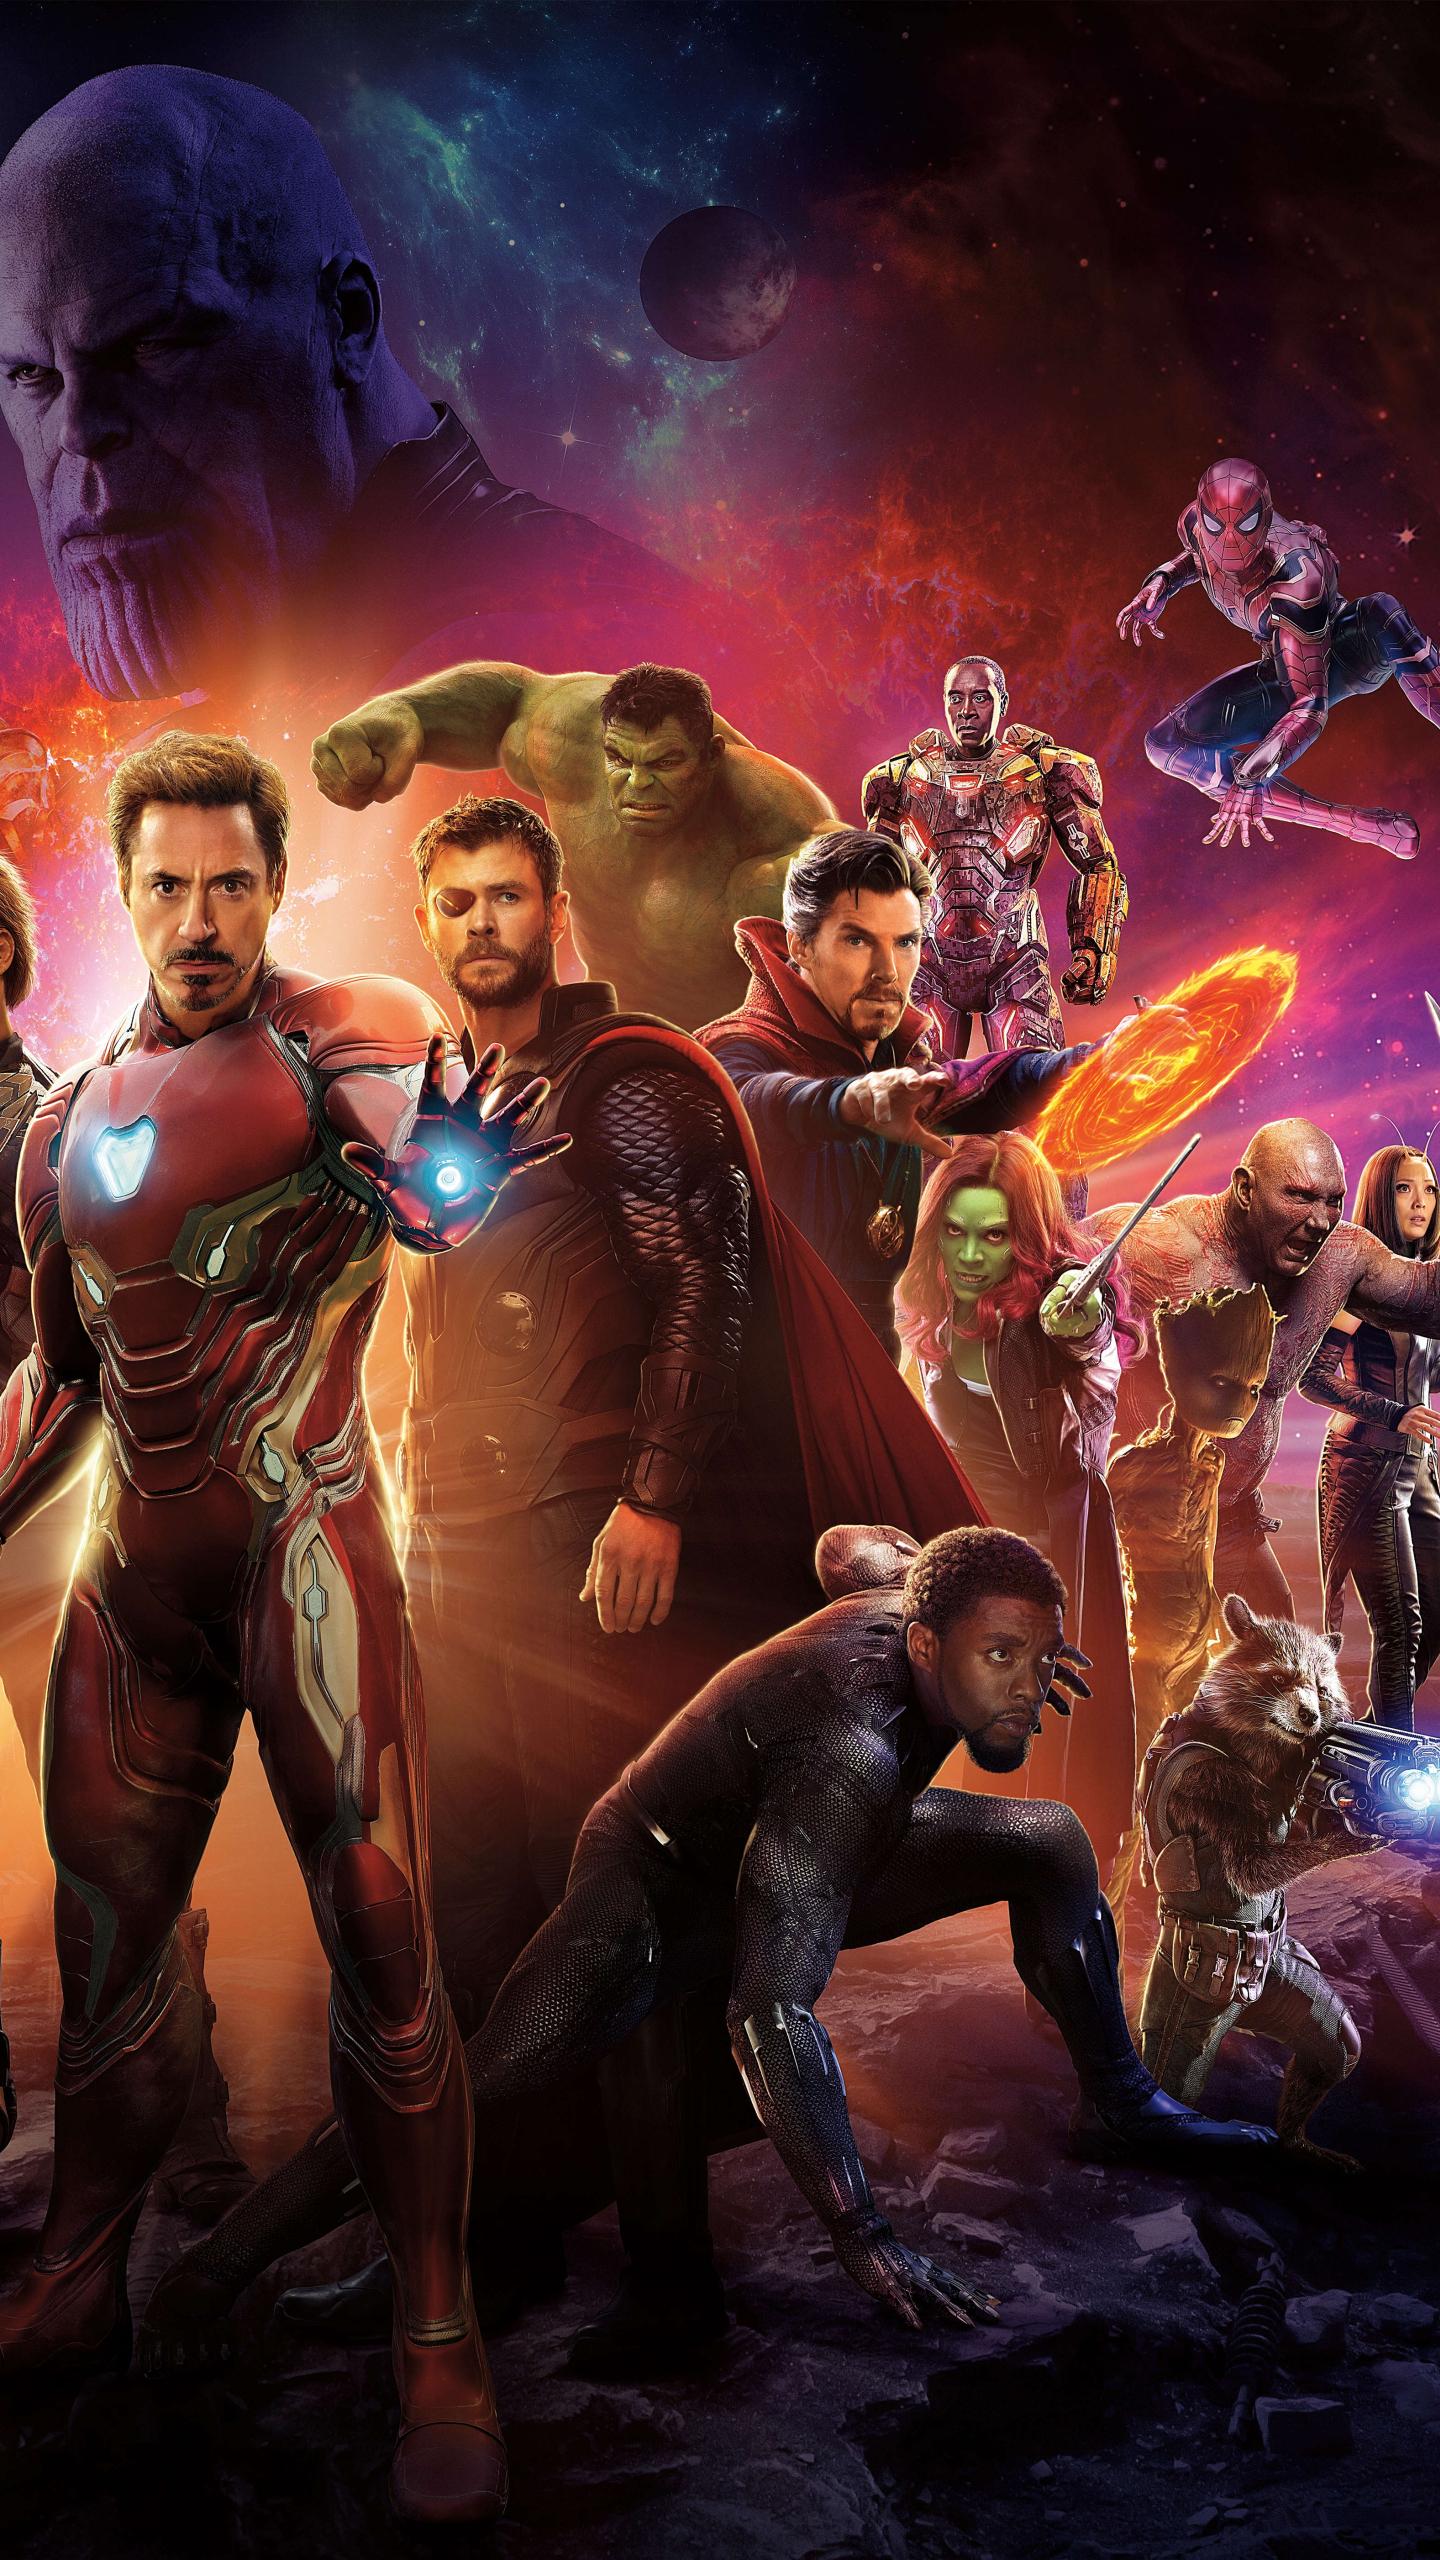 Infinity War Hd >> Avengers Infinity War International Poster, HD 10K Wallpaper